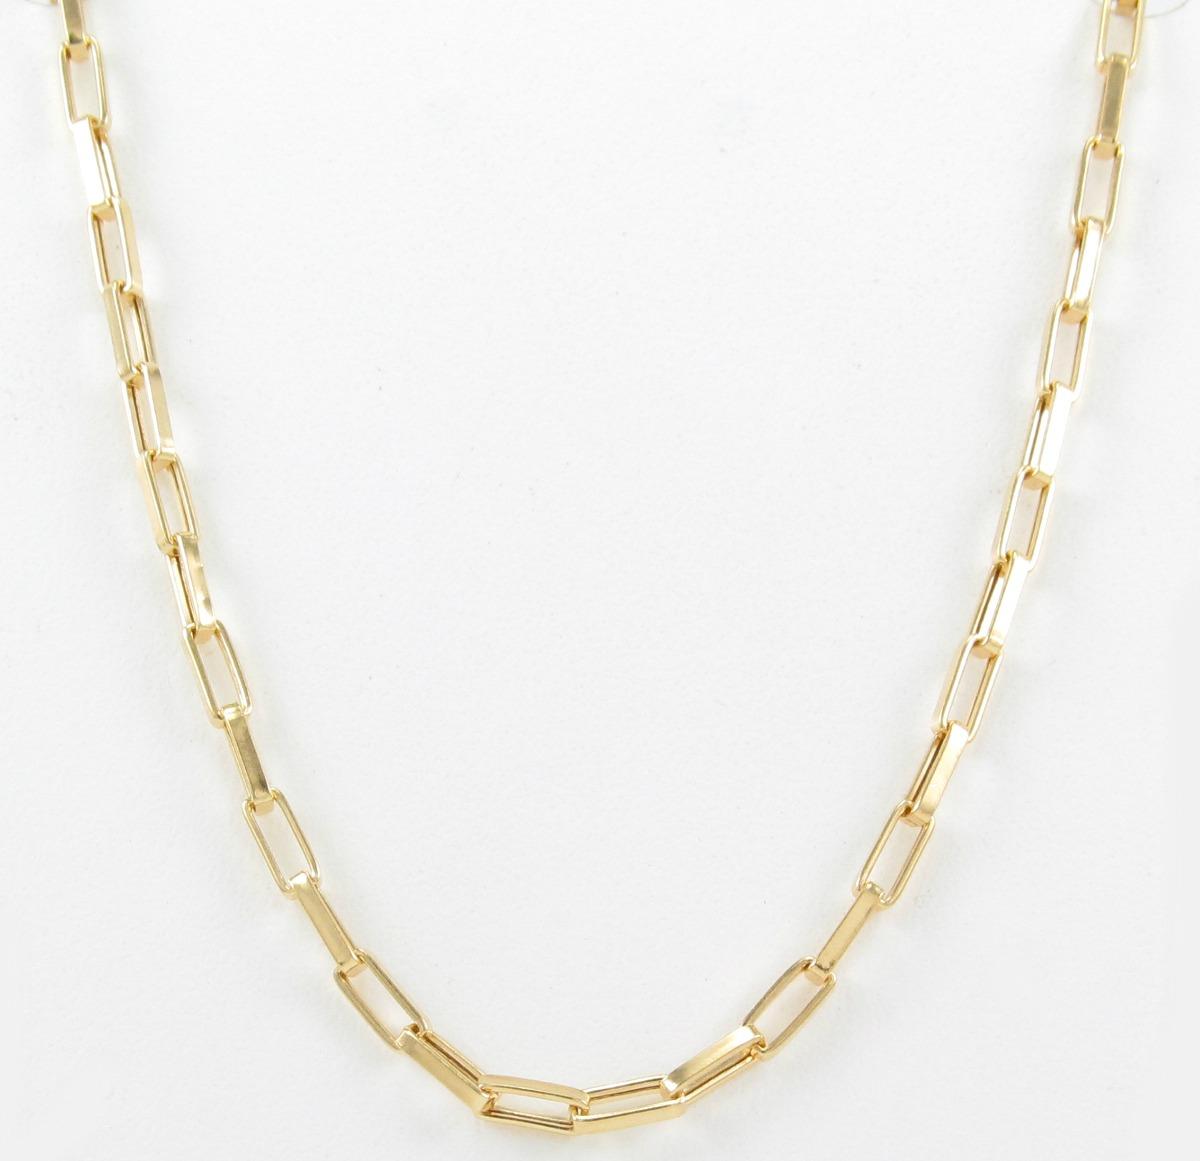 f88ff8a6cb672 Esfinge Jóias - Corrente Cartier De 60 Cm Em Ouro 18k 750. - R  780 ...